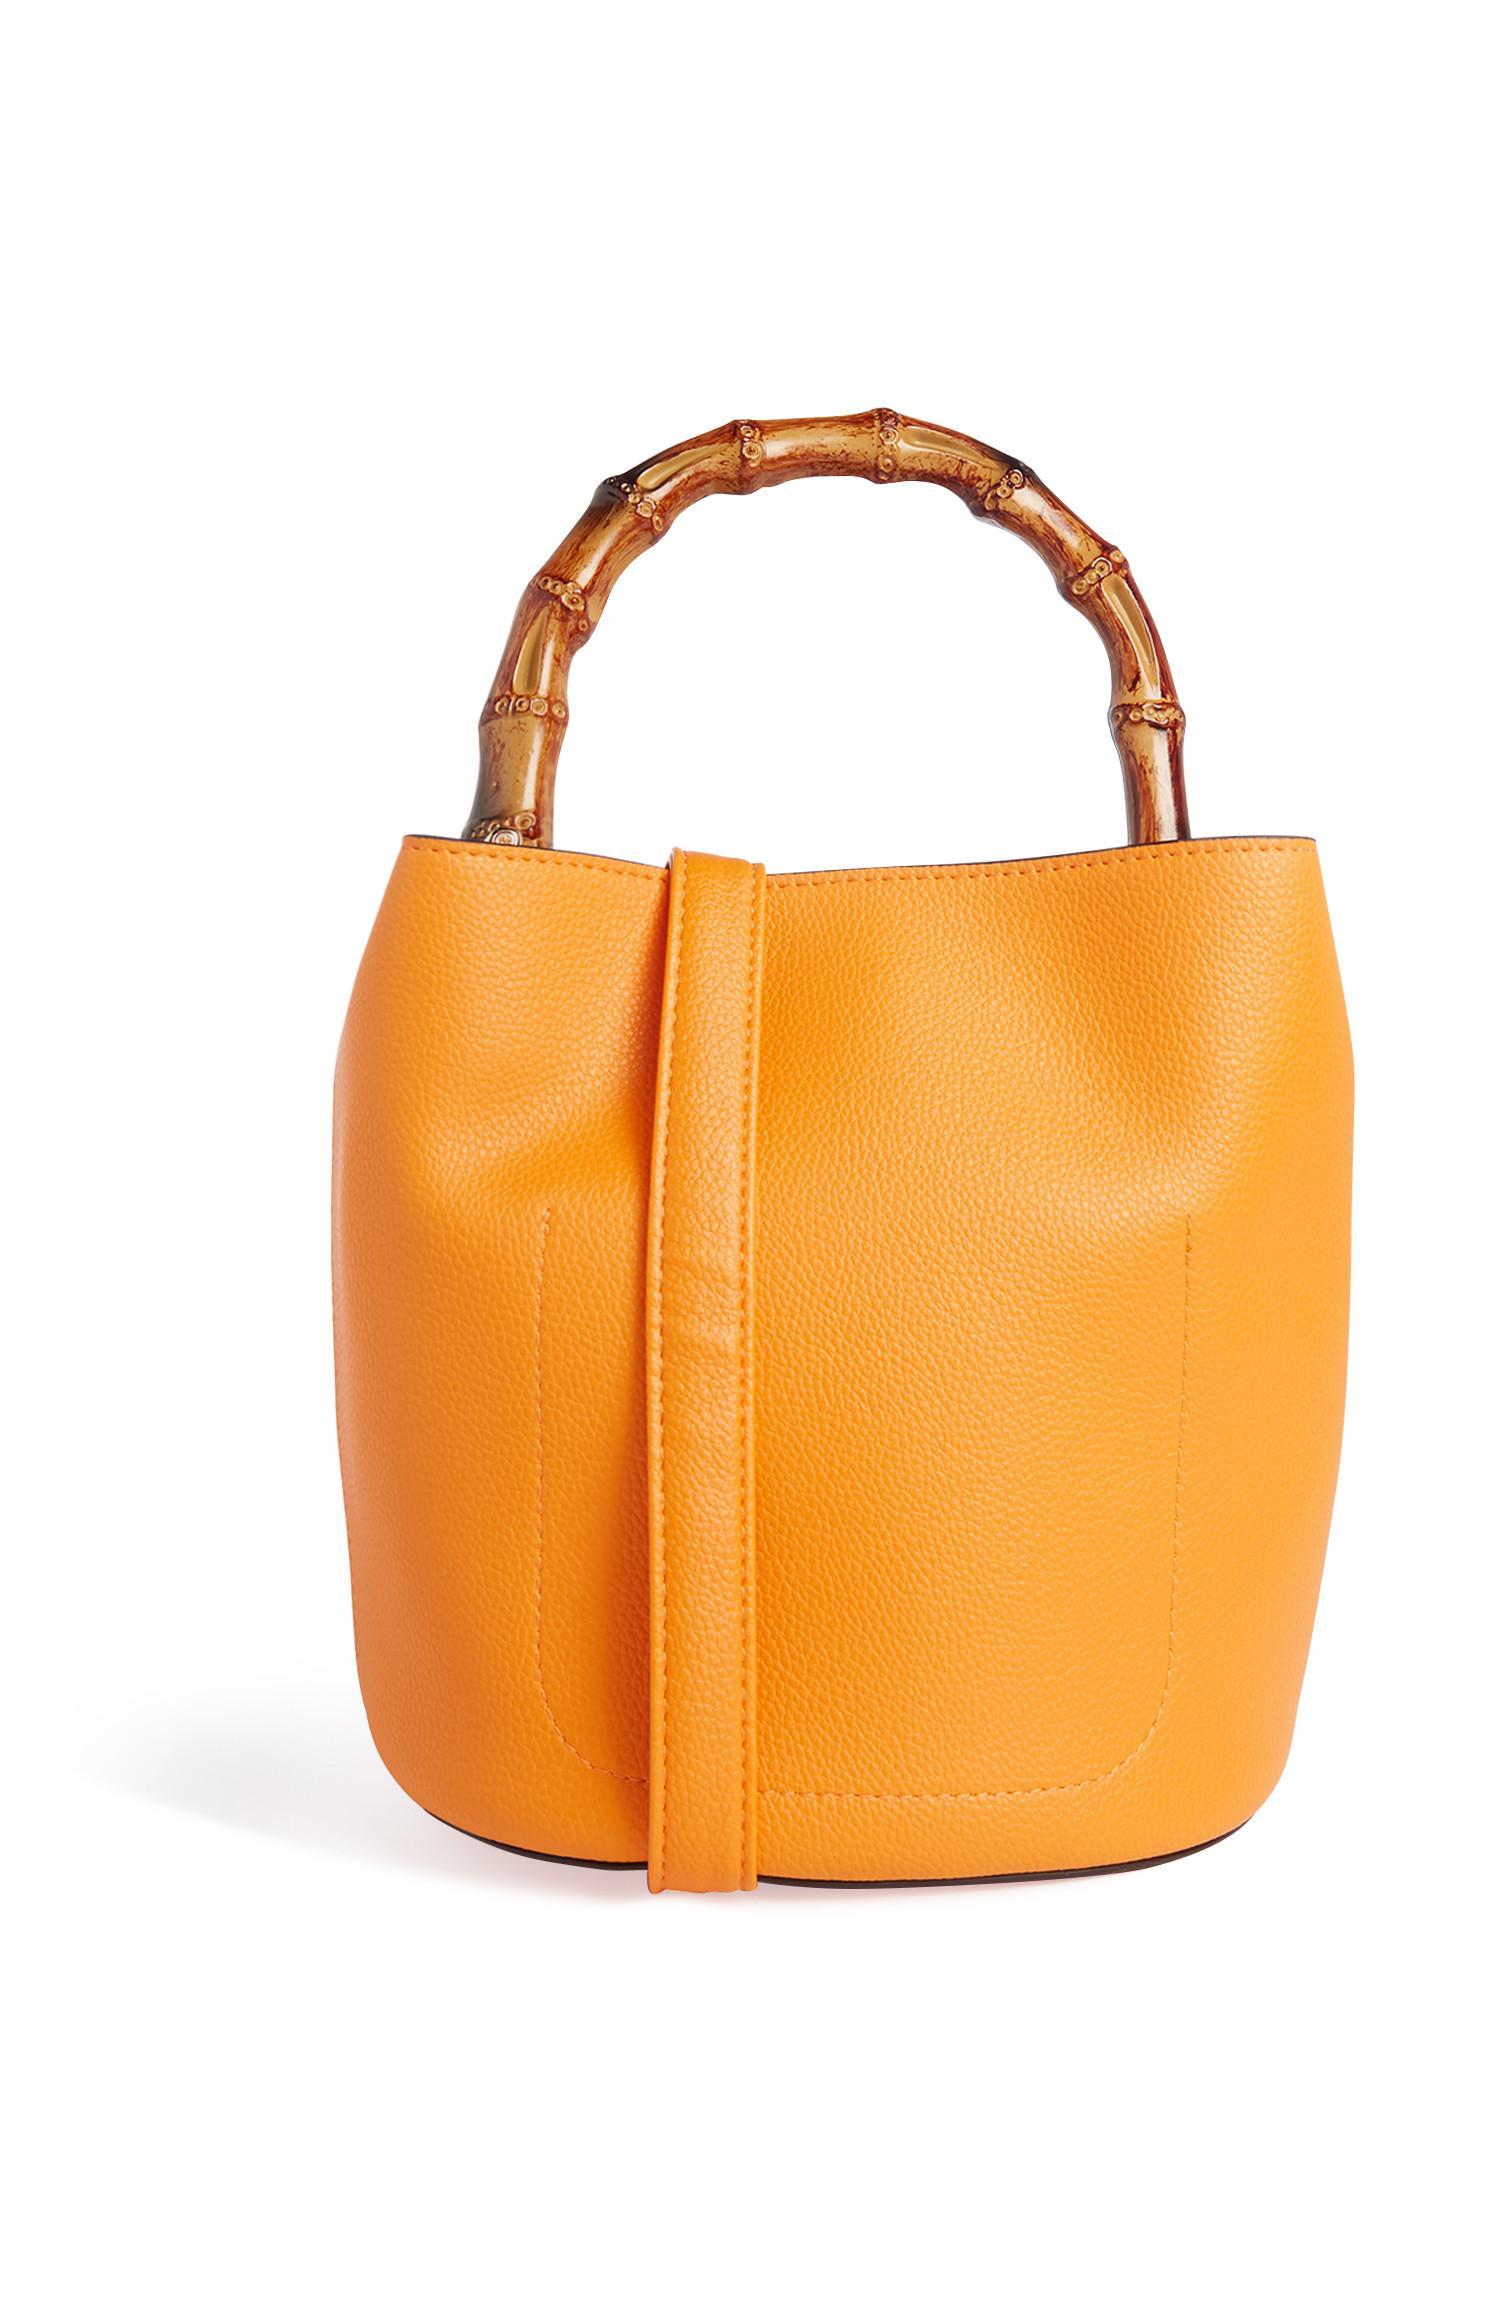 Gelbe Tasche mit Bambusgriff